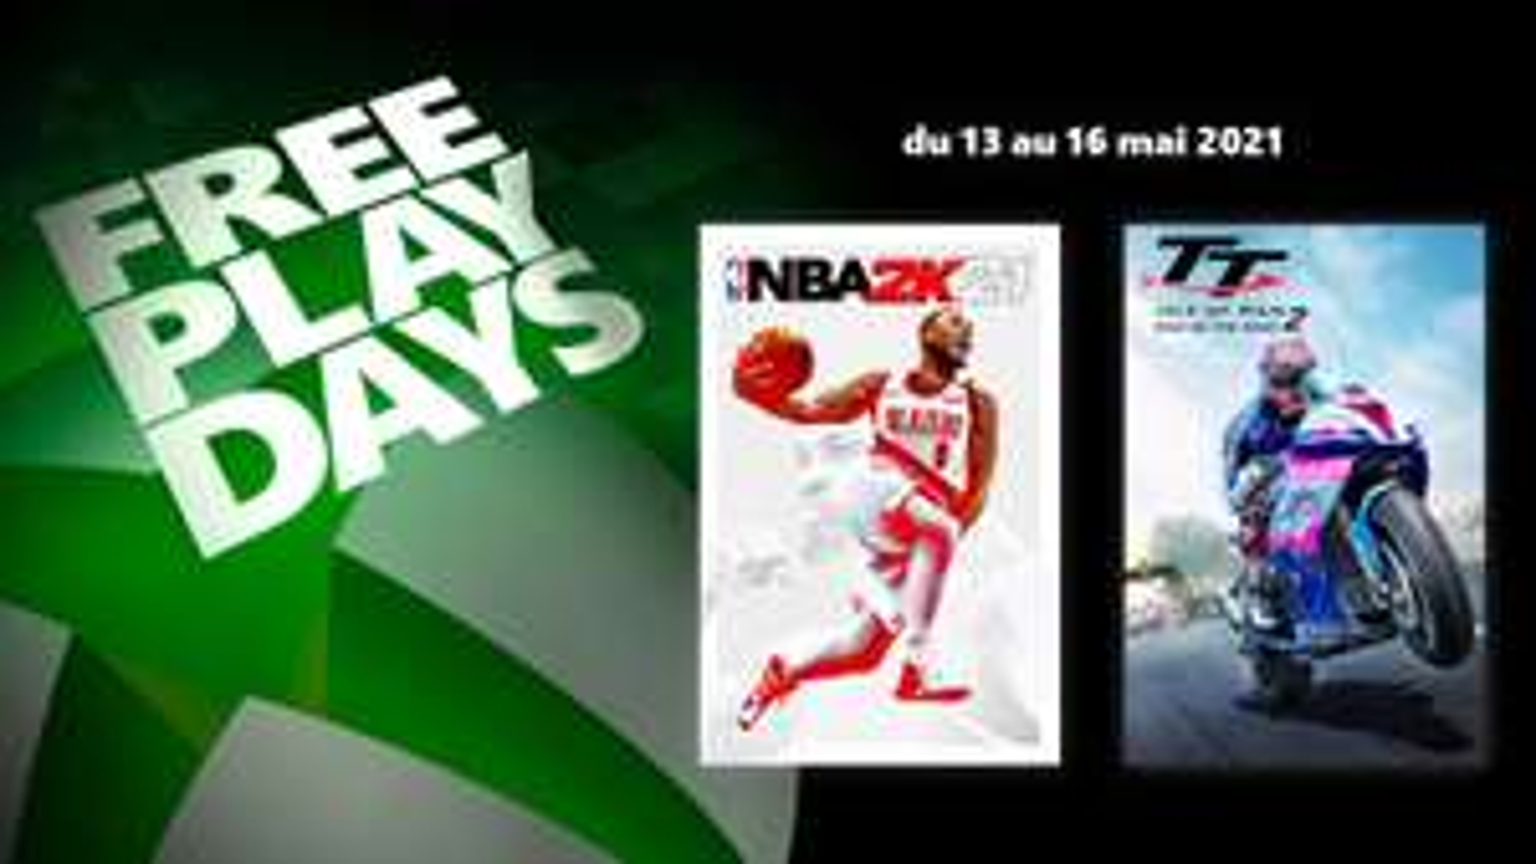 [Gold & Game Pass Ultimate] NBA 2K21 & TT Isle of Man: Ride on the Edge 2 jouable gratuitement ce week-end sur Xbox (dématérialisé)